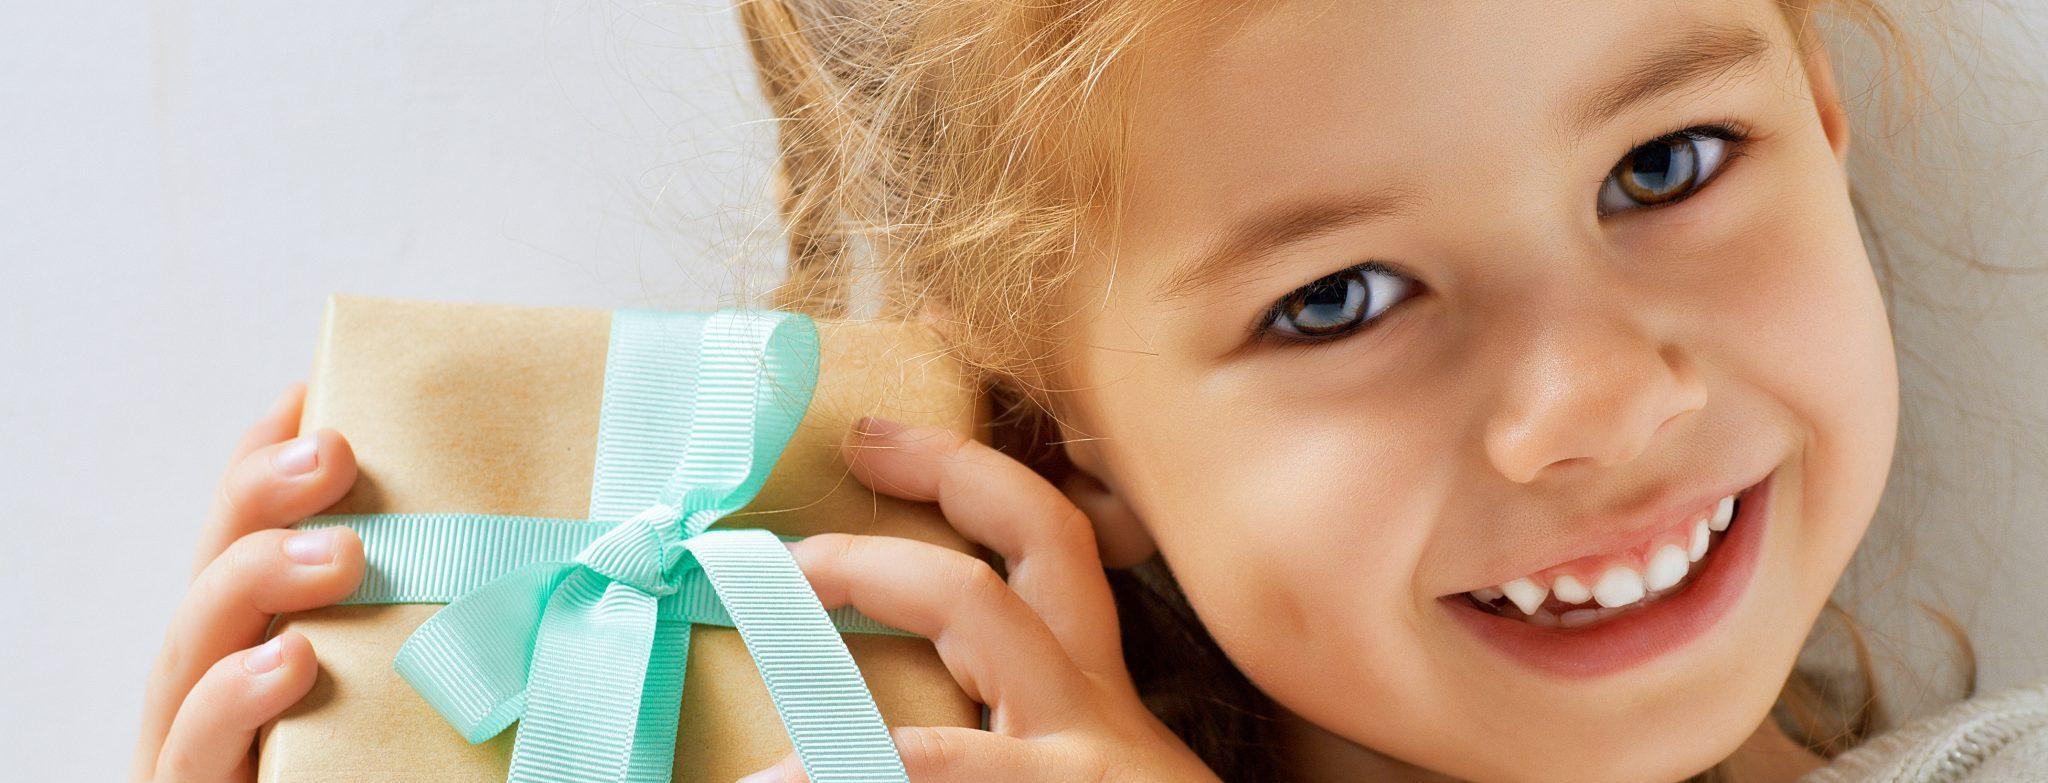 verwennen cadeau